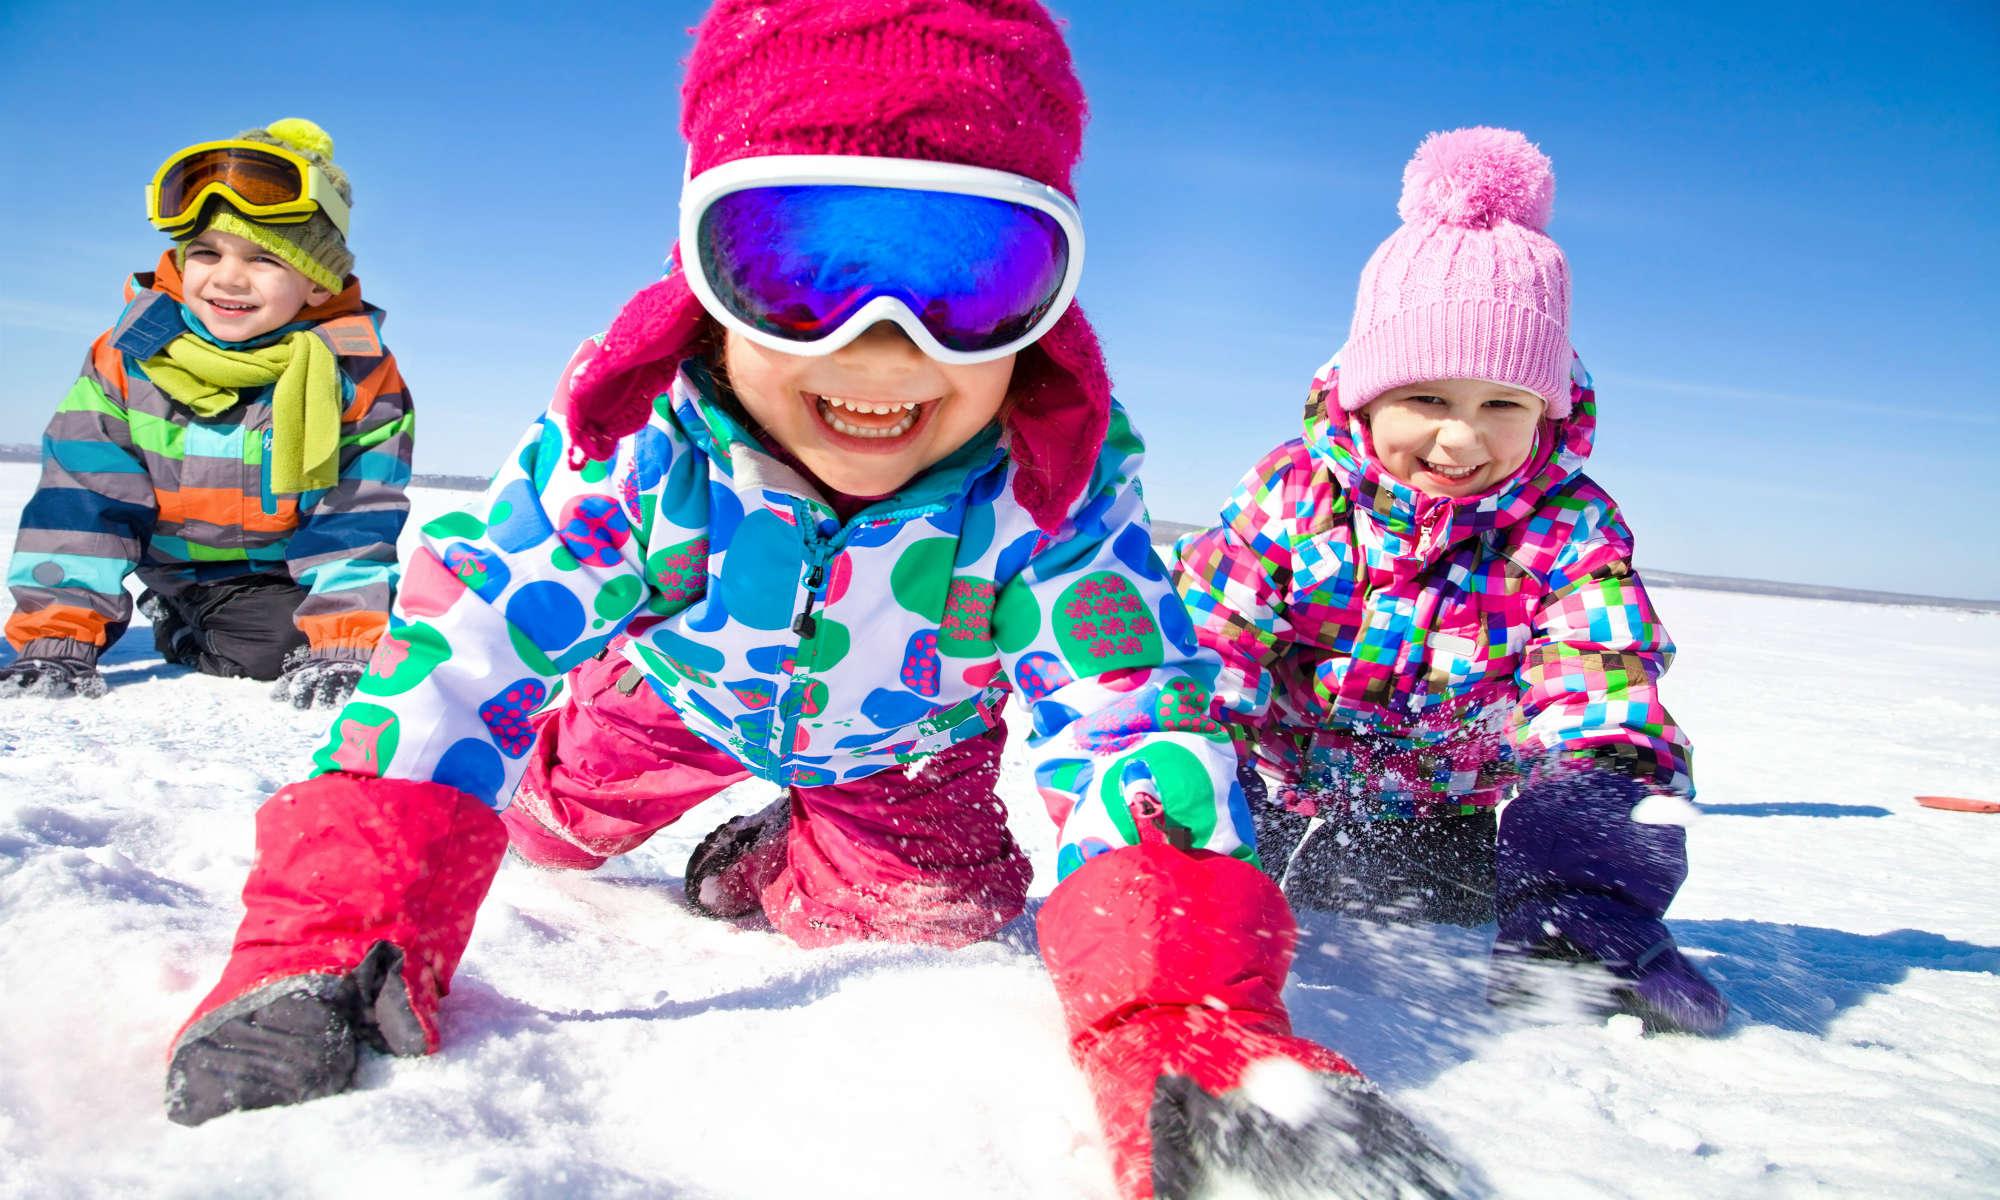 Tre bambini giocano con la neve a Bormio, mentre sorridono verso la macchina fotografica.